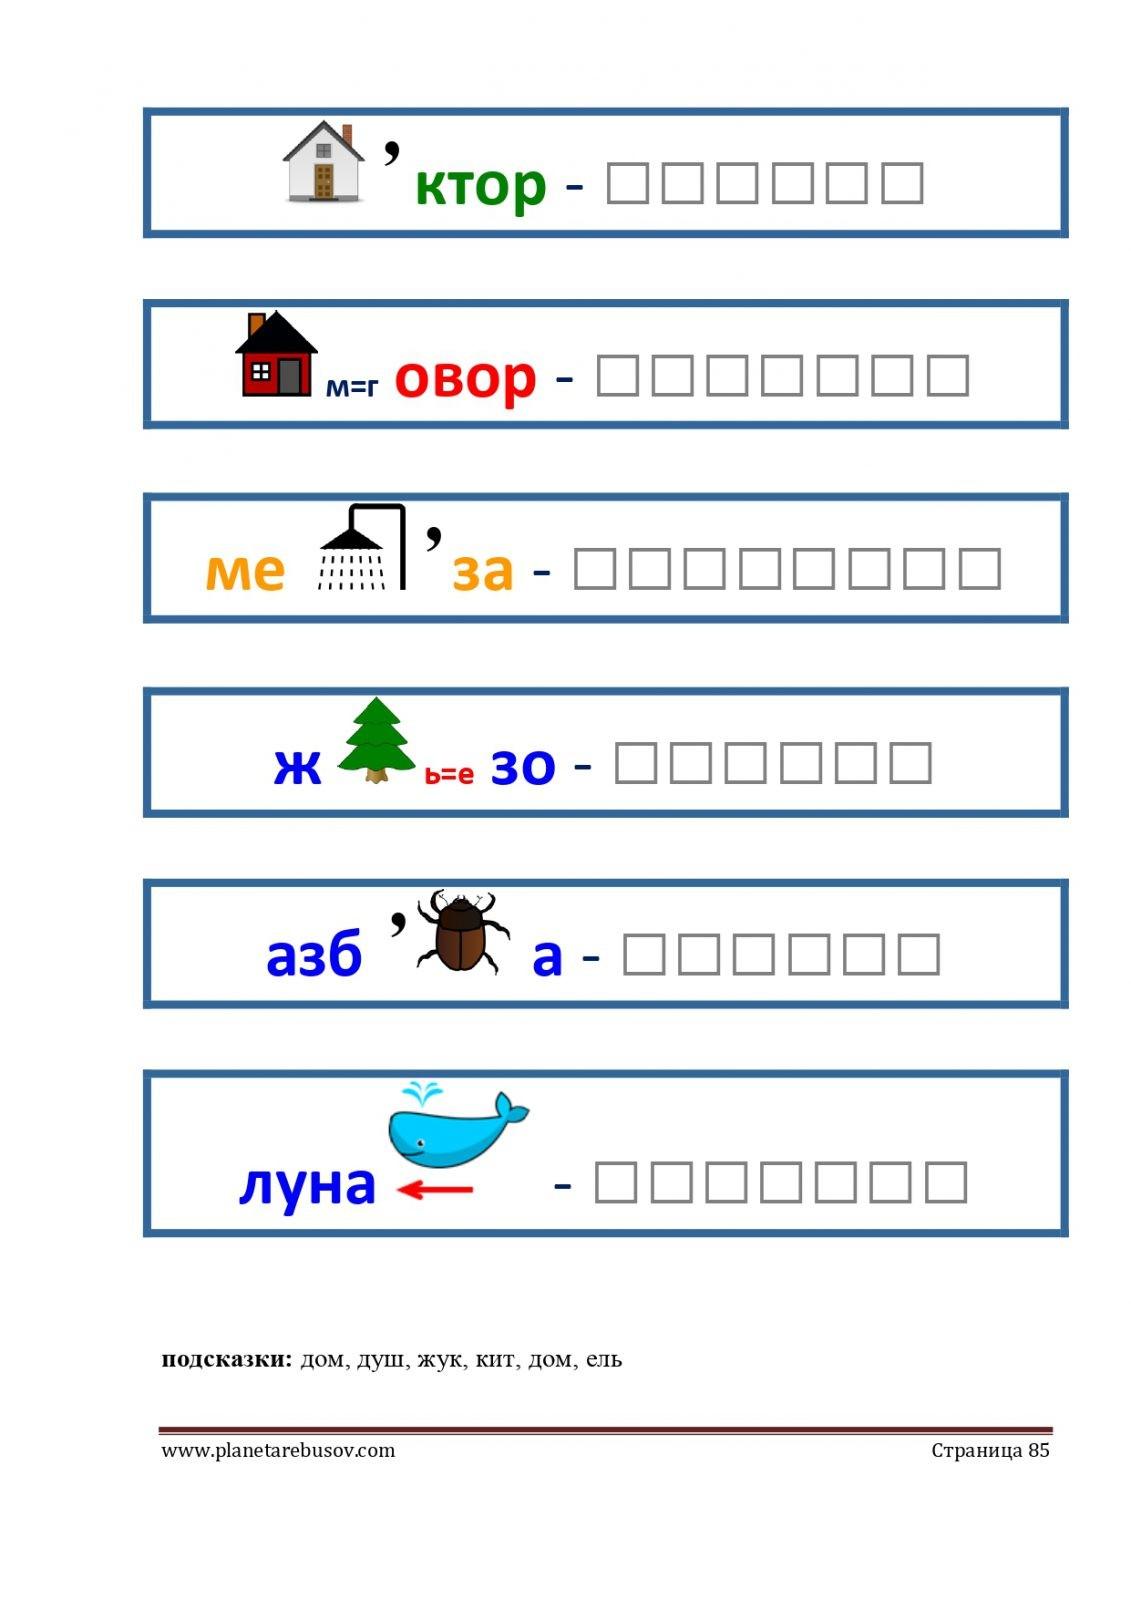 Ребусы: доктор, медуза, азбука, лунатик, договор, железо